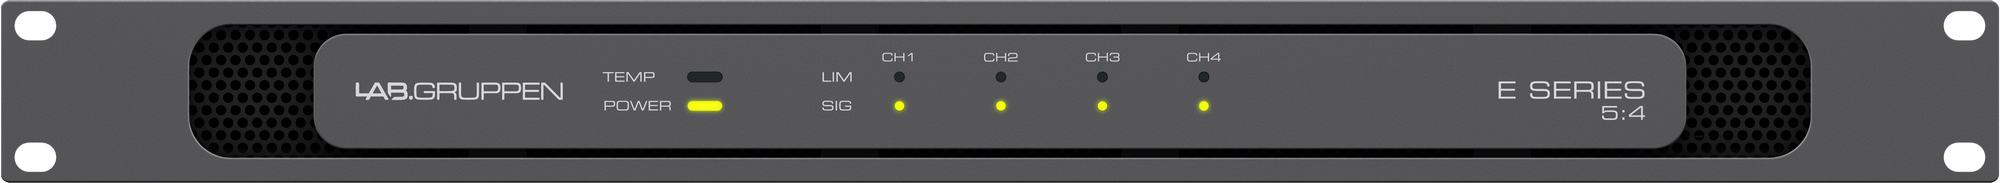 Lab Gruppen E 5:4 - Power amplifier